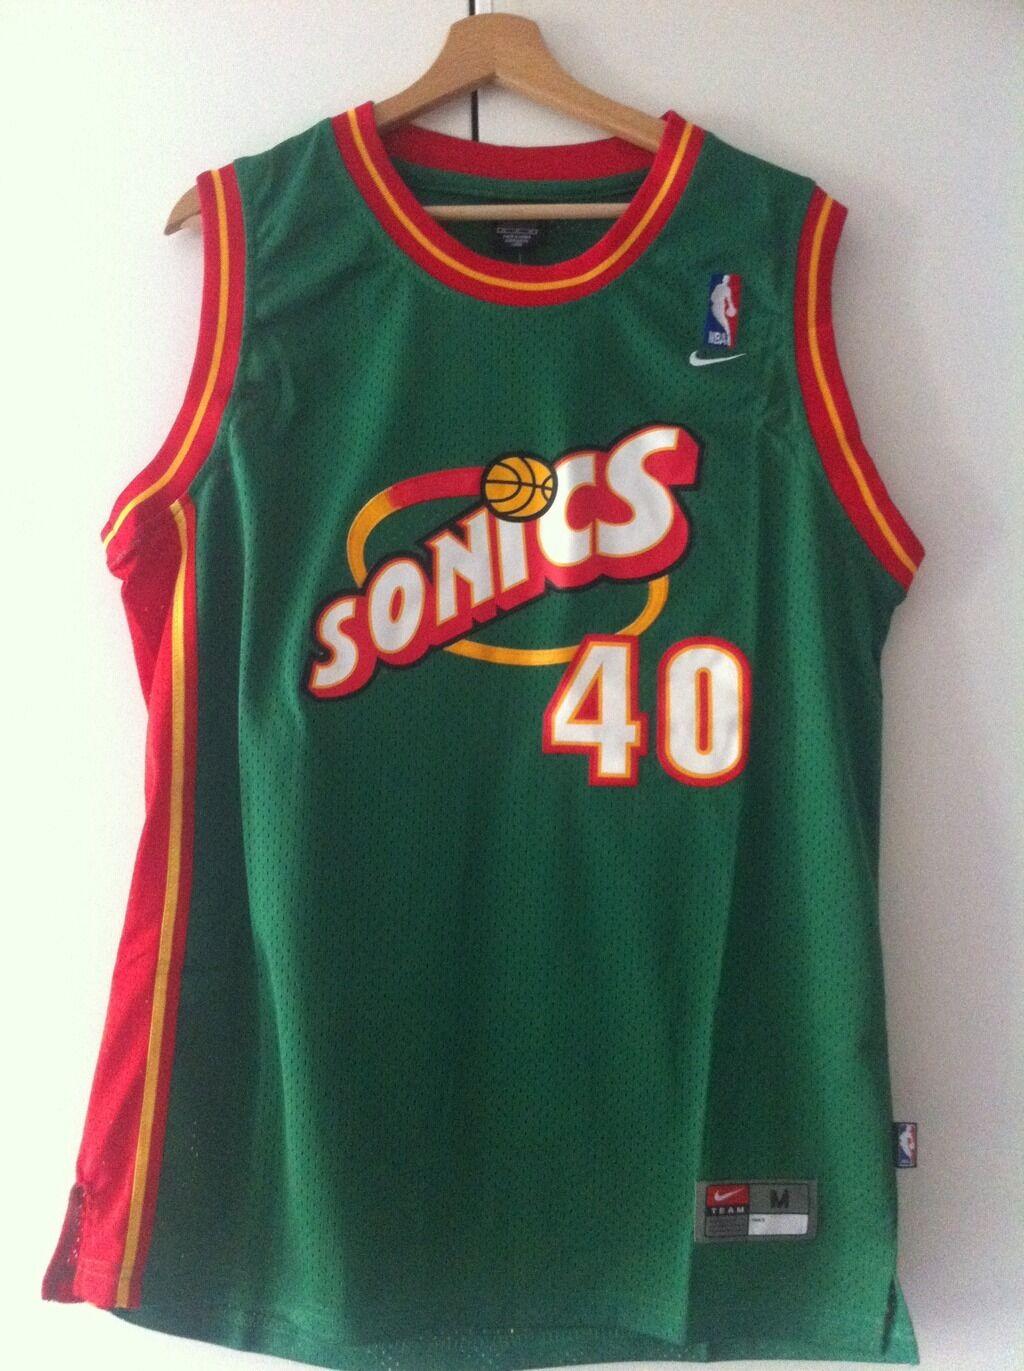 Canotta nba basket maglia Shawn Kemp jersey Seattle Supersonics New S M L XL XXL